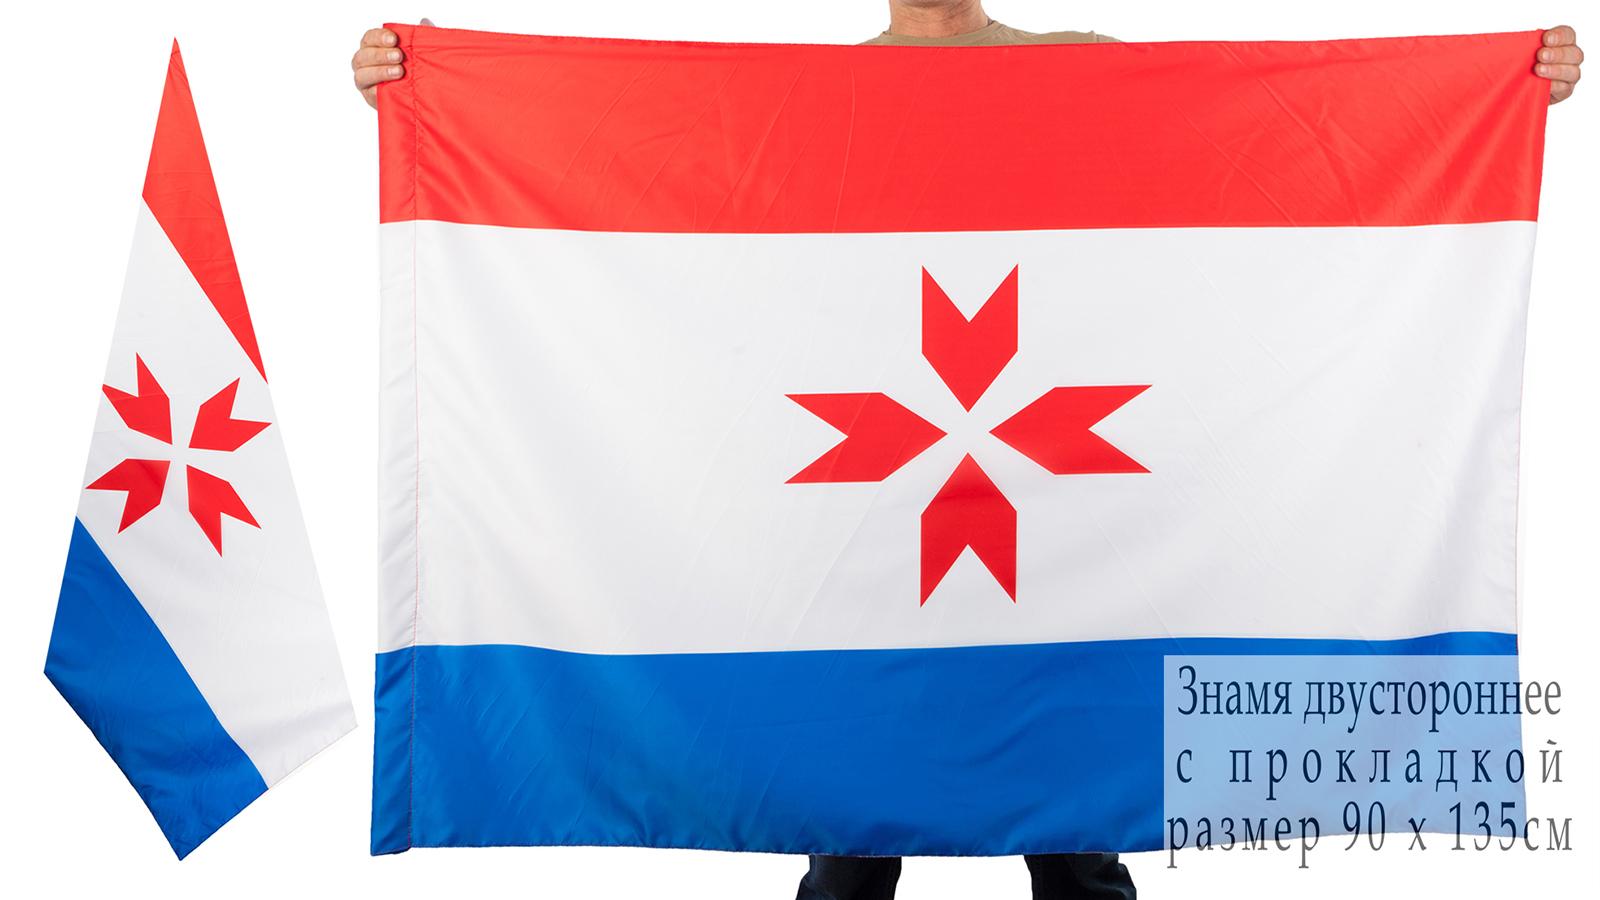 Двухсторонний флаг Республики Мордовия